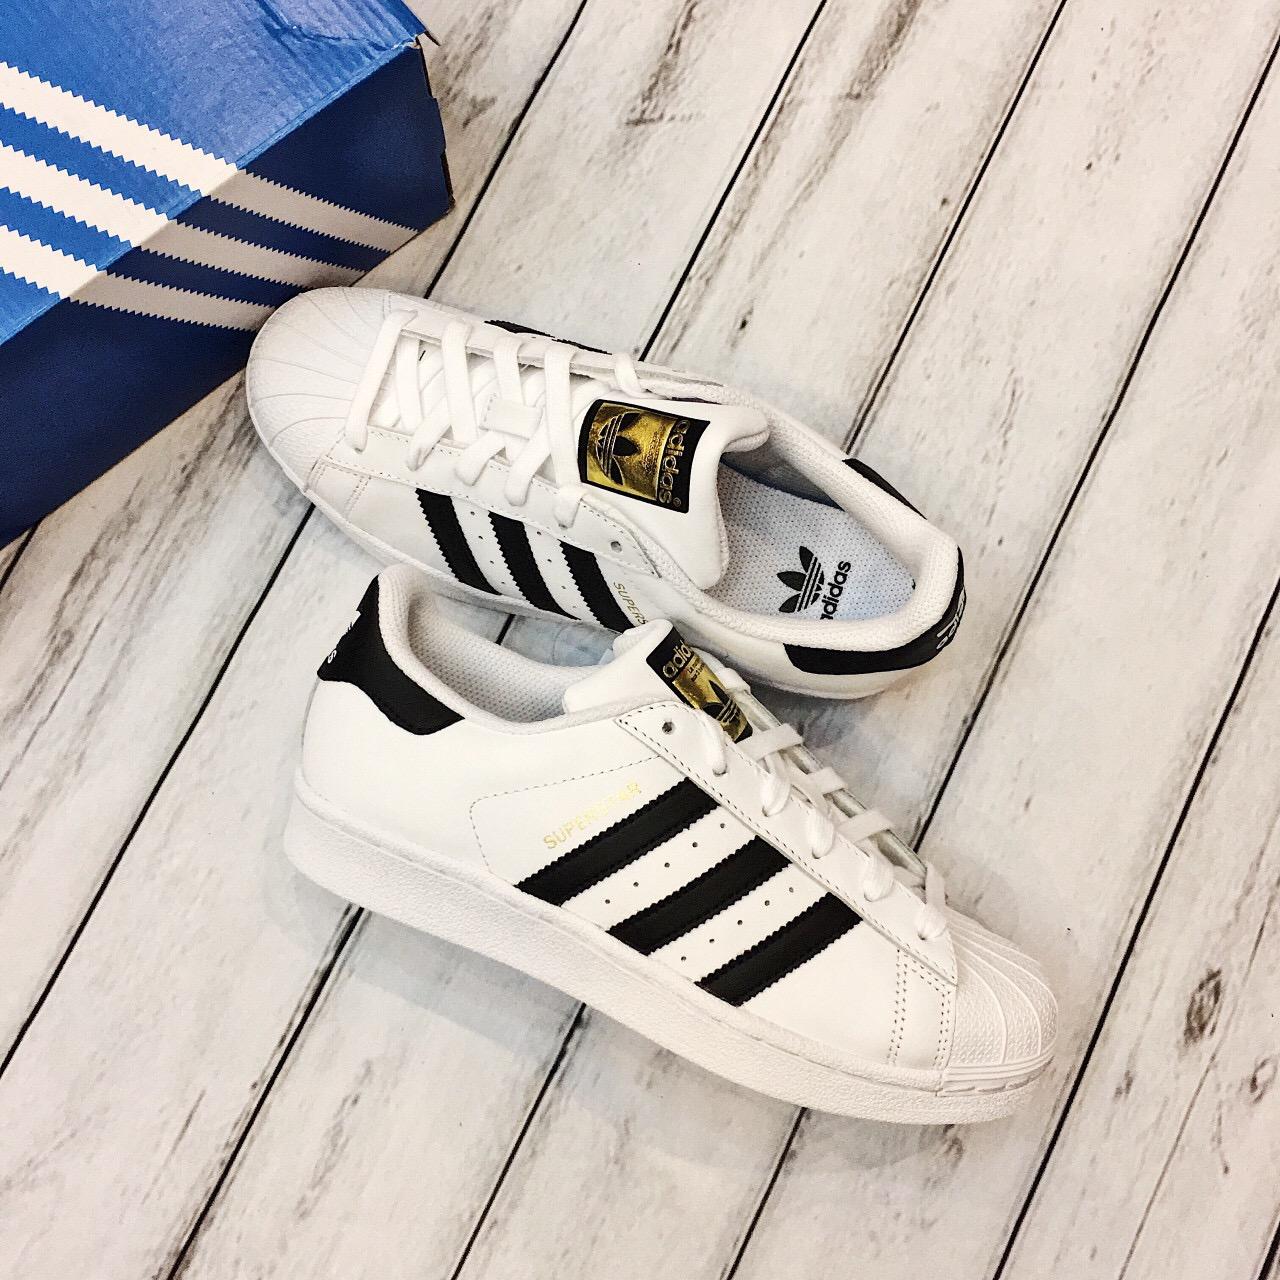 Hàng Chính Hãng Adidas Superstar Gold Stamp C77154